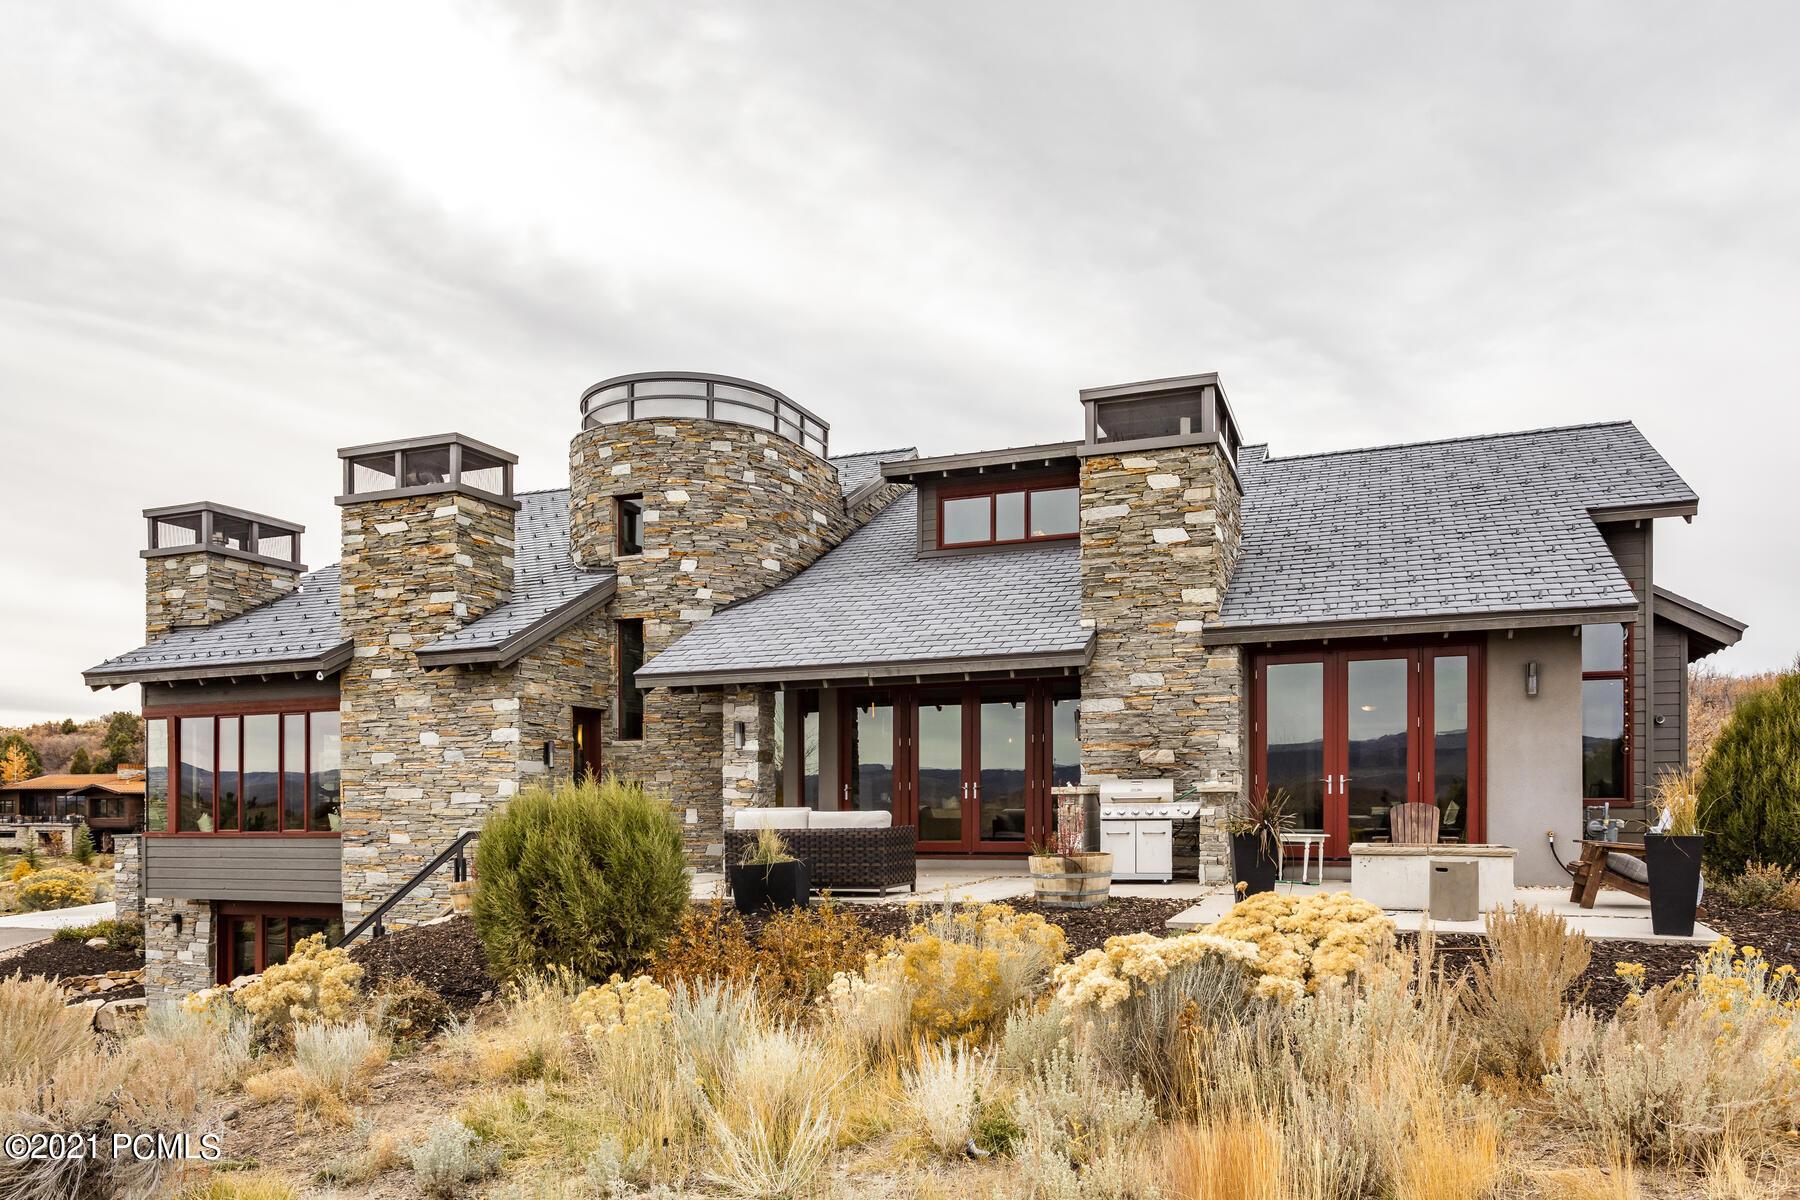 9045 Twin Peaks Drive, Kamas, Utah 84036, 5 Bedrooms Bedrooms, ,7 BathroomsBathrooms,Single Family,For Sale,Twin Peaks,12104196